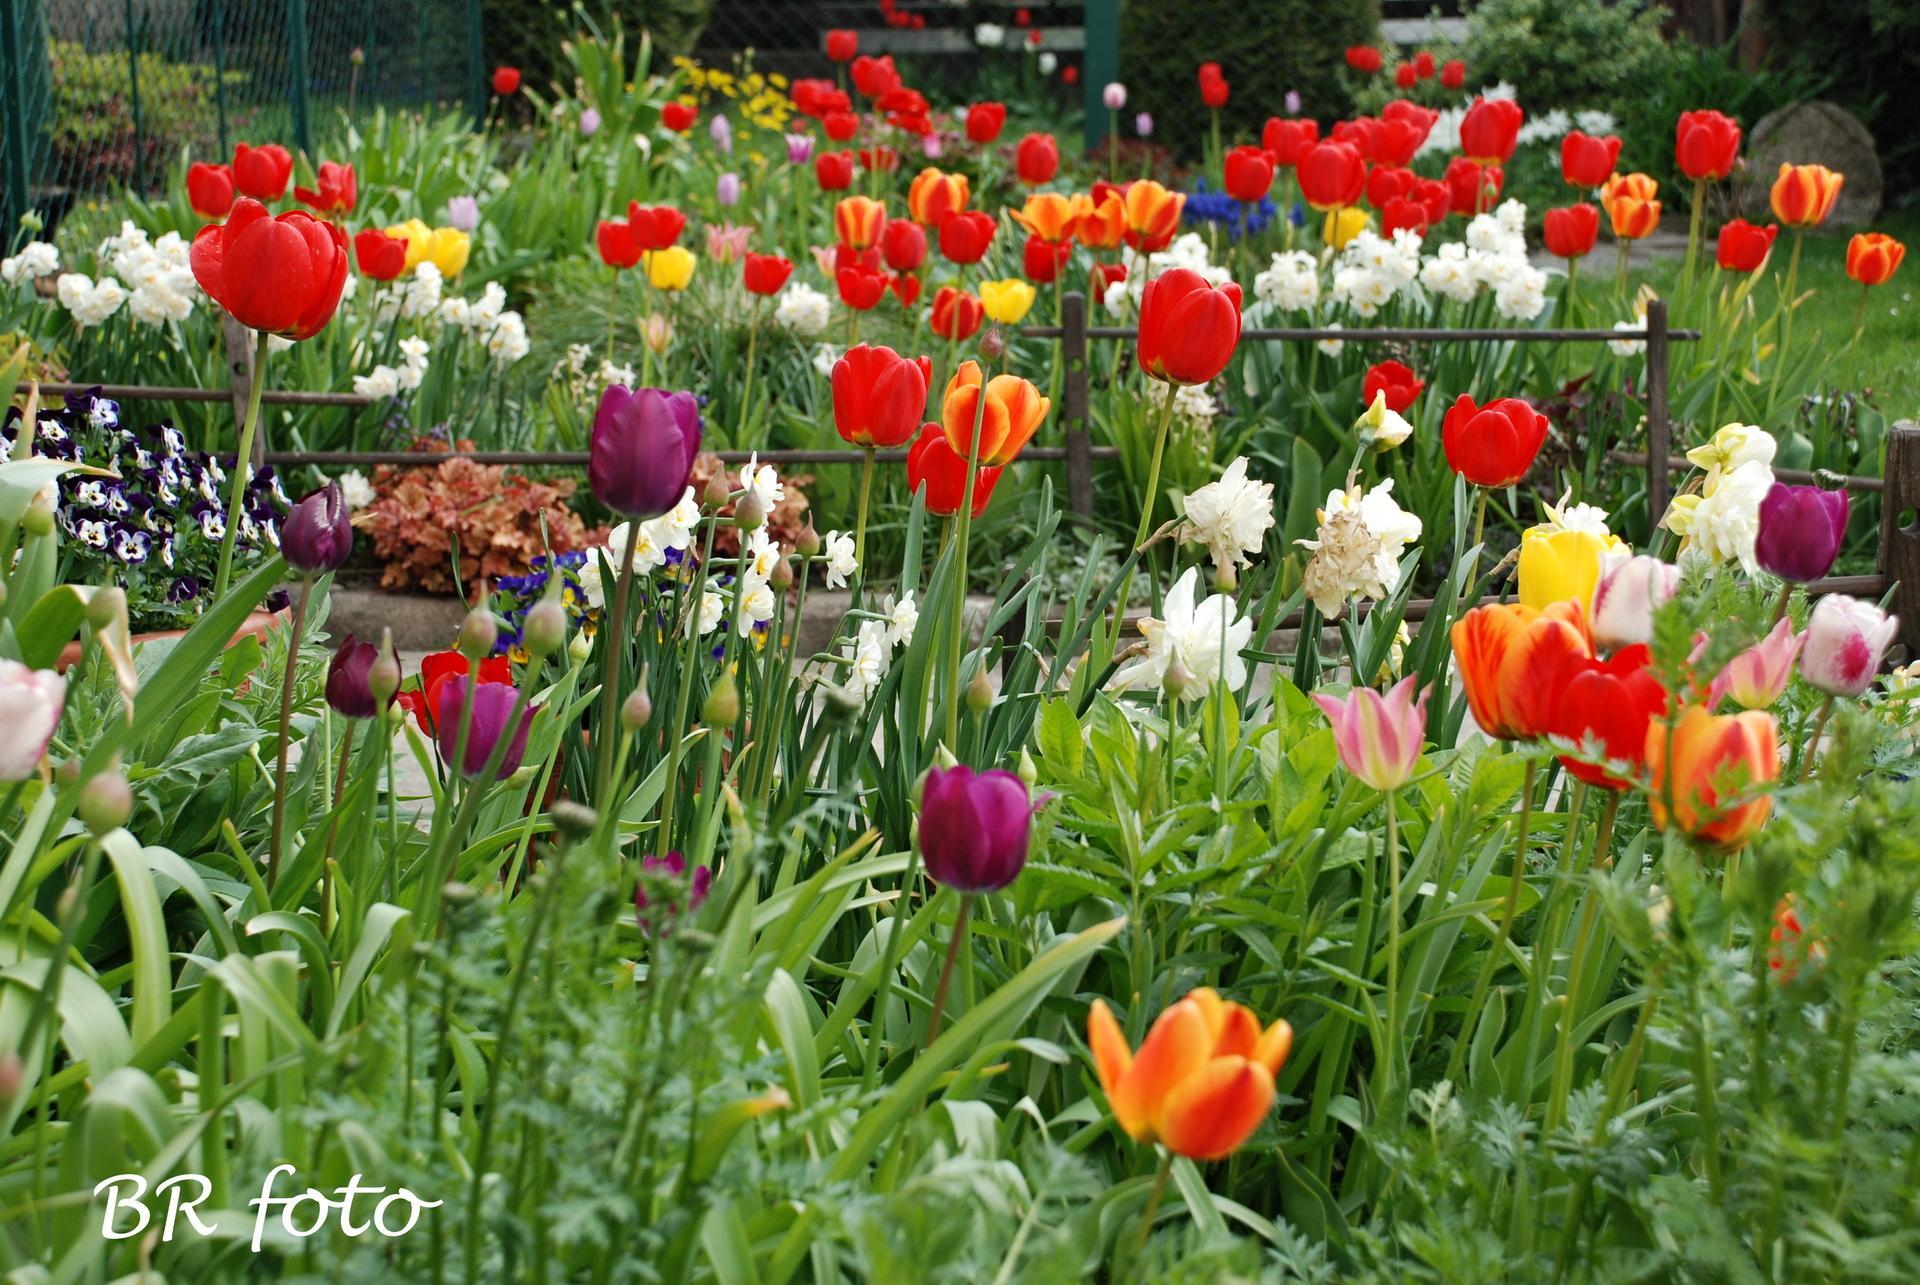 Pozvání do zahrady 2021 - letos se cibulovinám daří a díky chladnému jaru déle kvetou